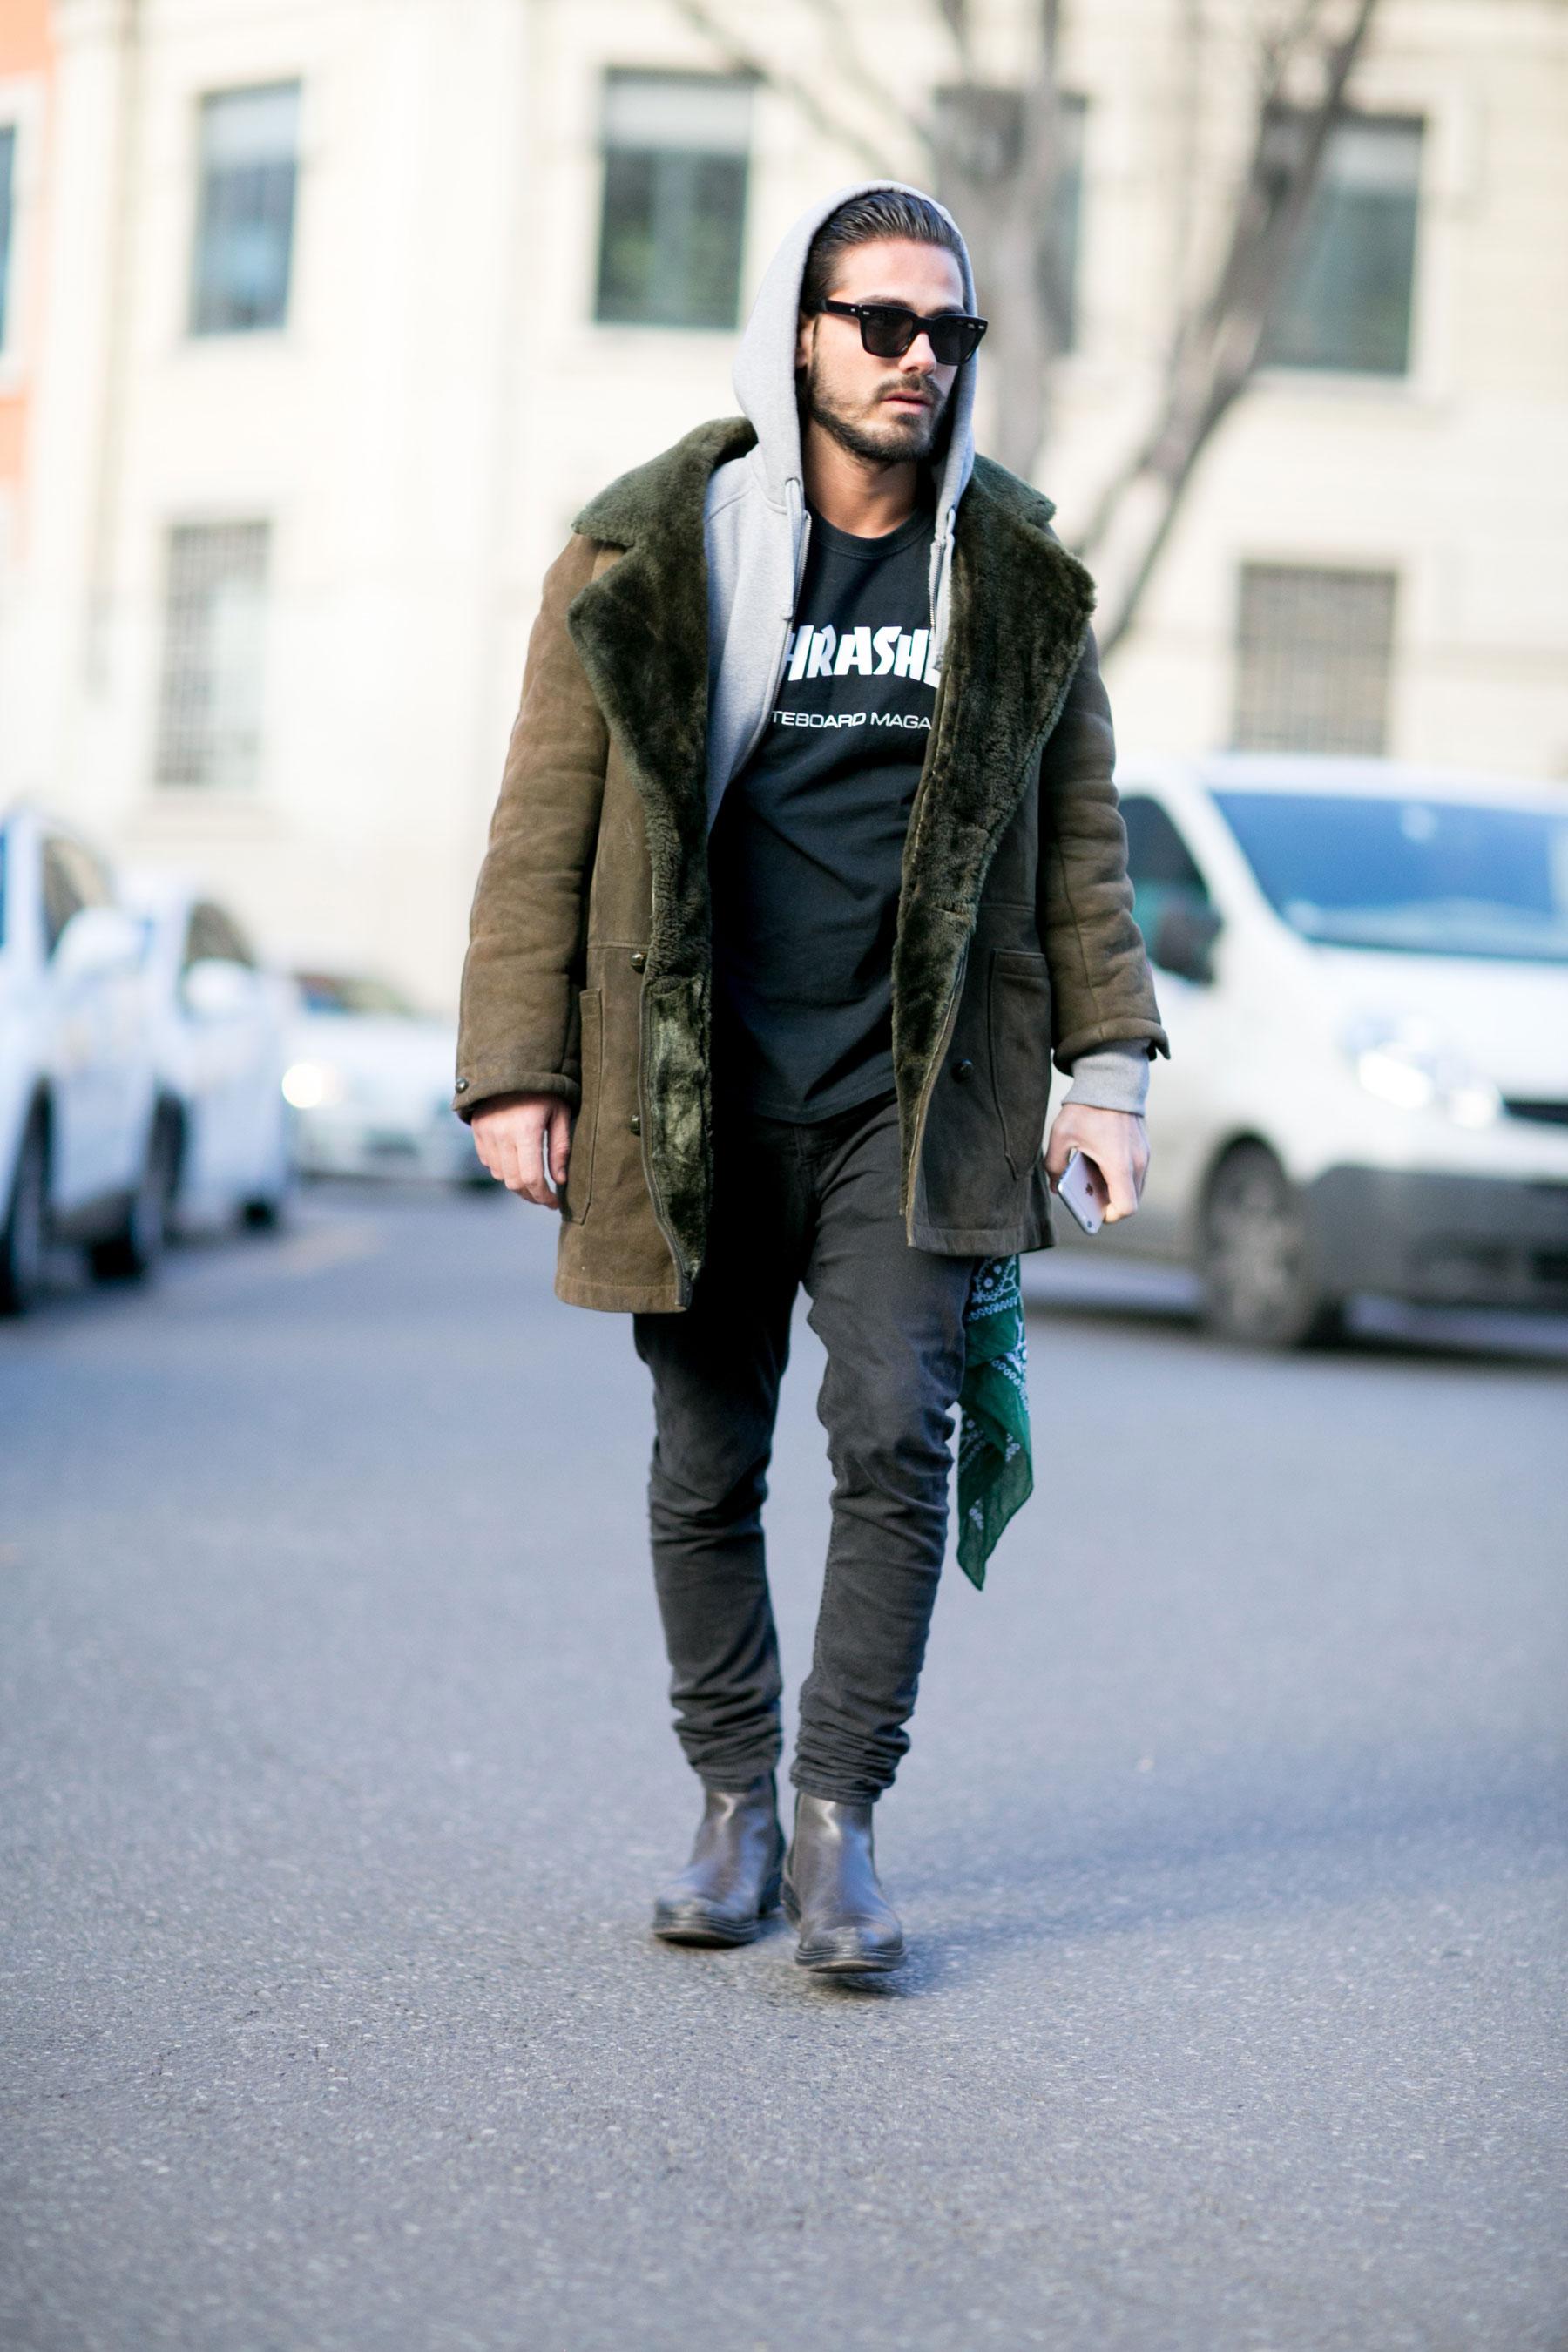 ムートンコート×グレージップアップパーカー×黒THRASHER Tシャツ×ブラックジーンズ×サイドゴアブーツ